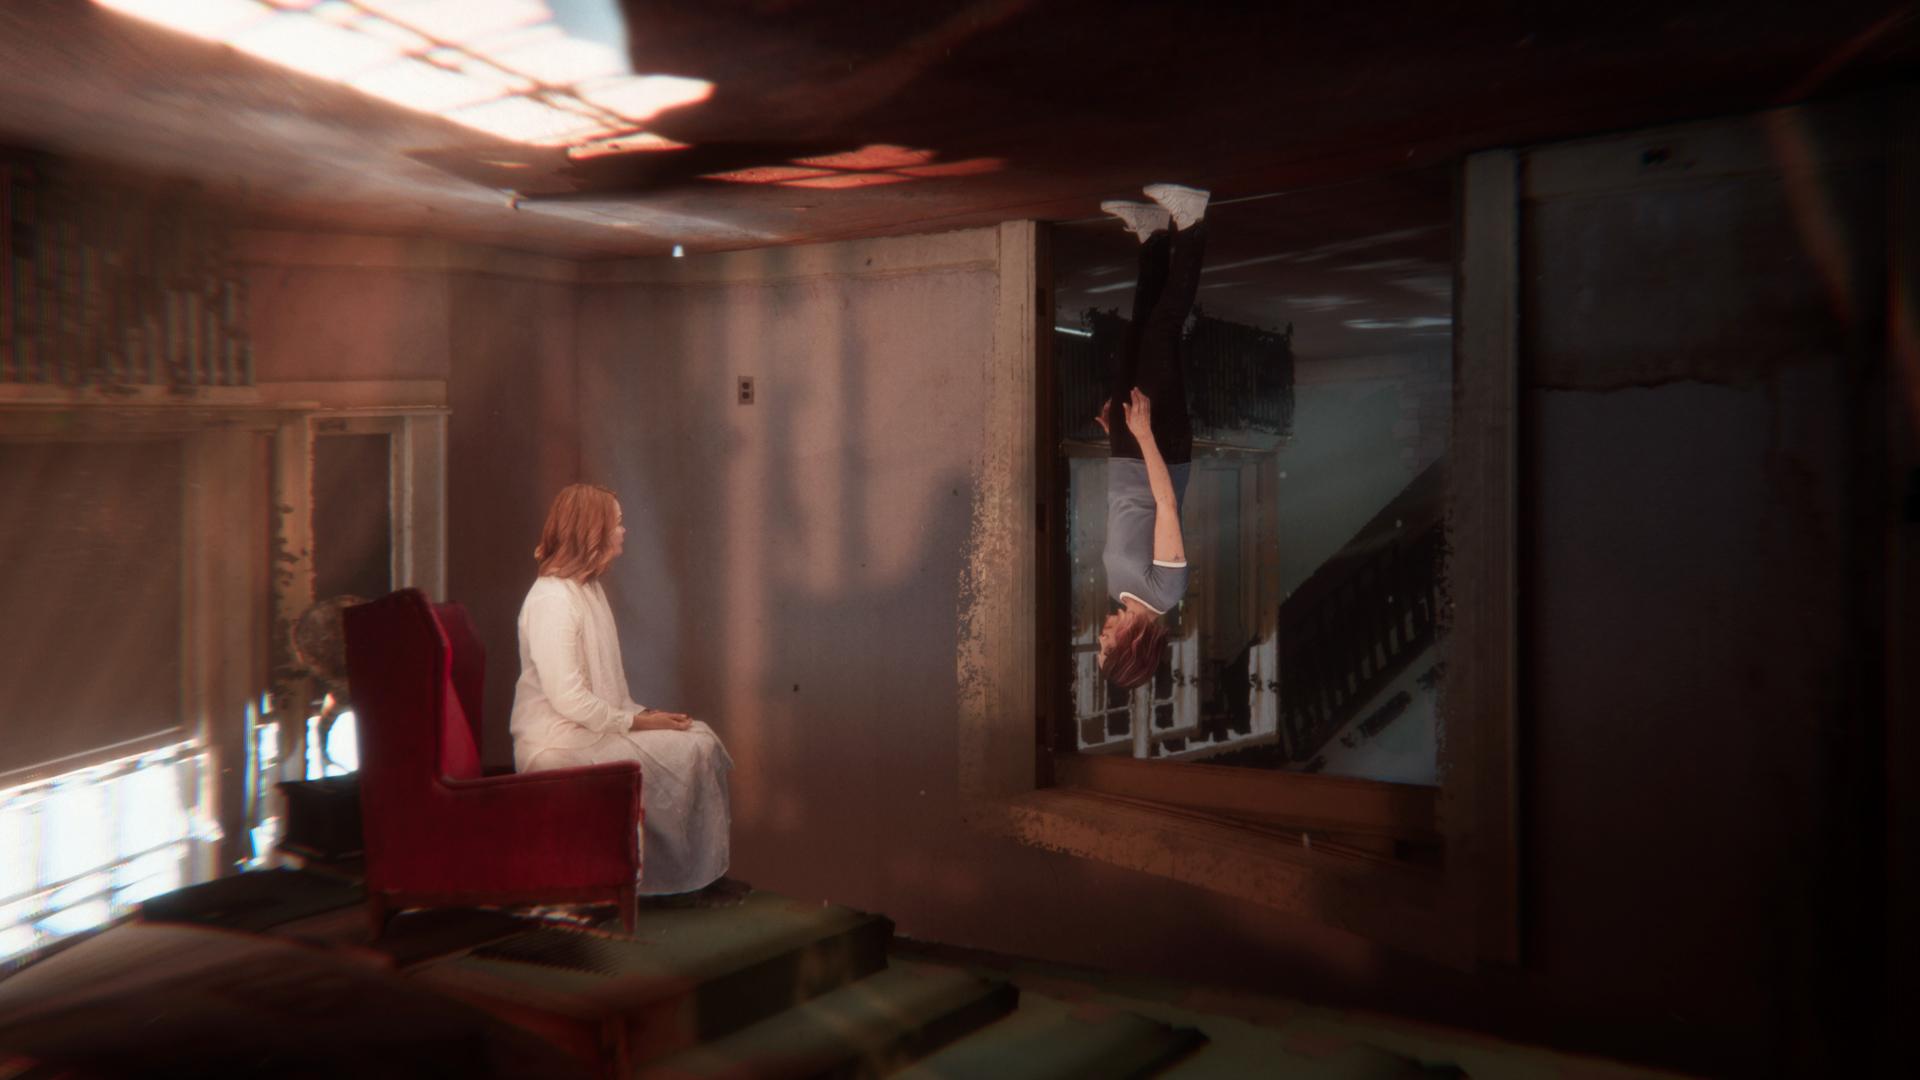 <디스트릭트 9> 닐 블롬캠프 감독의 독창적인 상상력 <시그널 X: 영혼의 구역> 미공개 스틸 대공개!